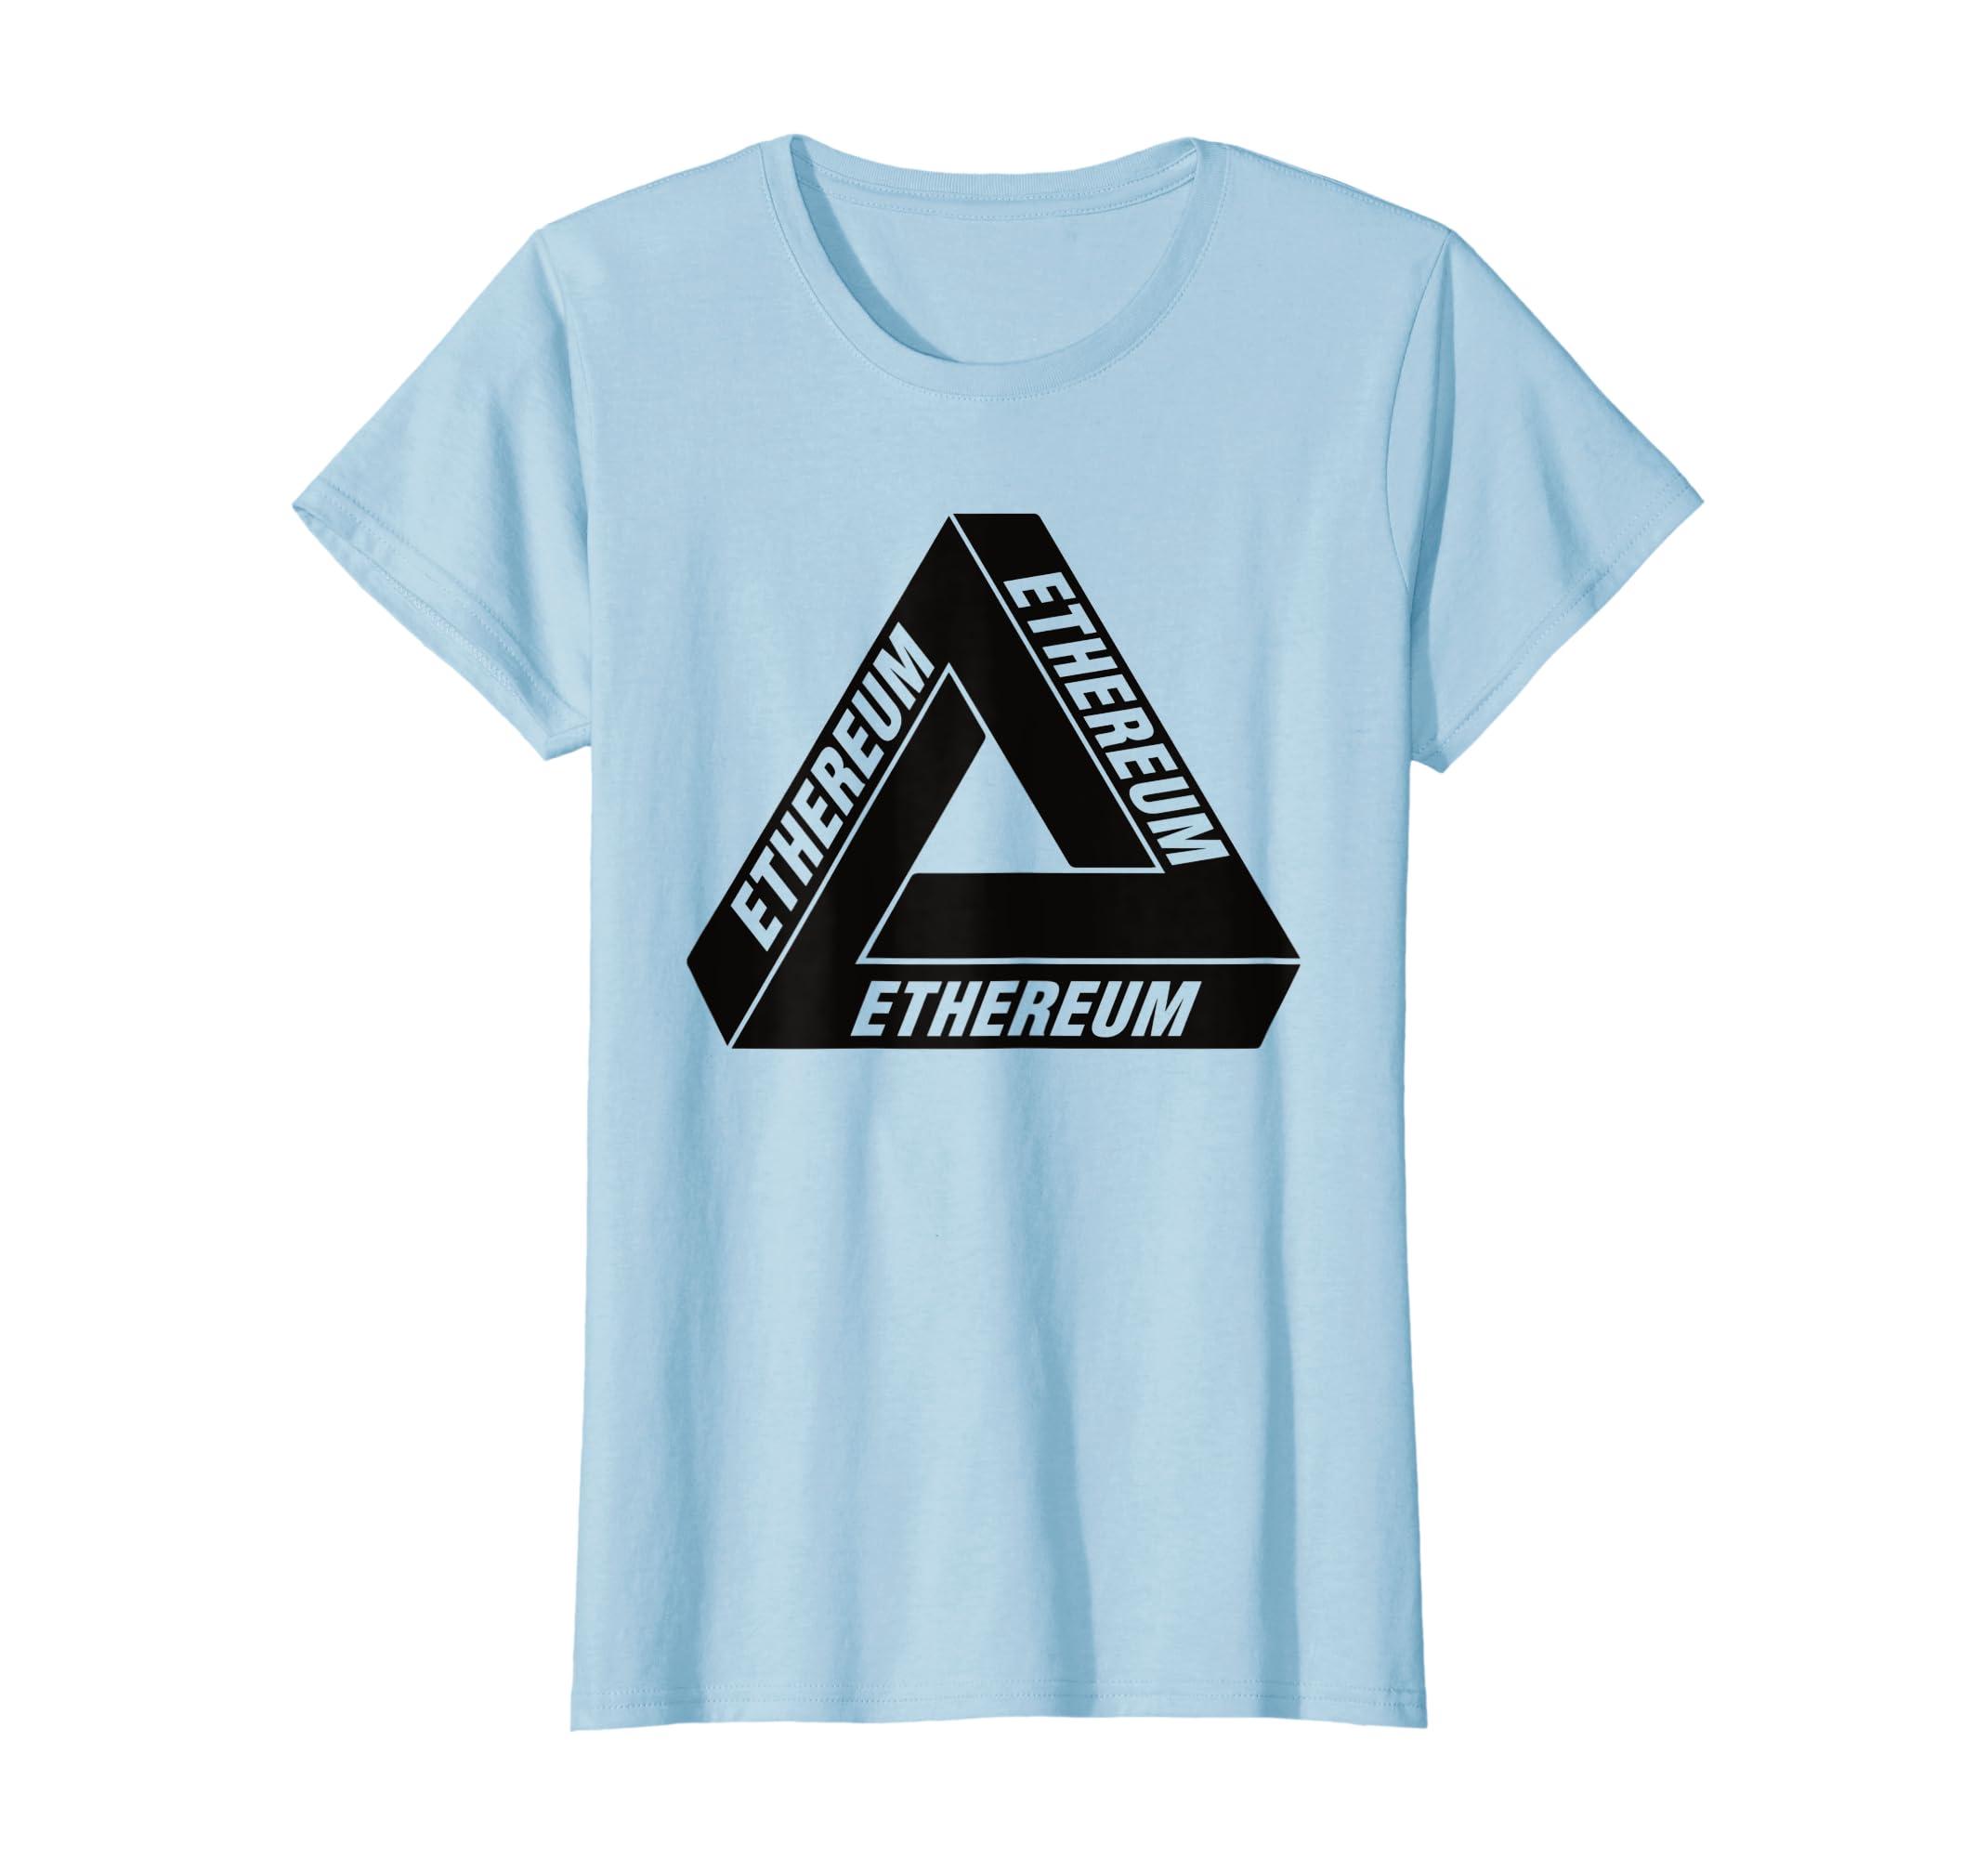 479b9b8ed2d4 Amazon.com  Palace x Ethereum T-Shirt  Clothing